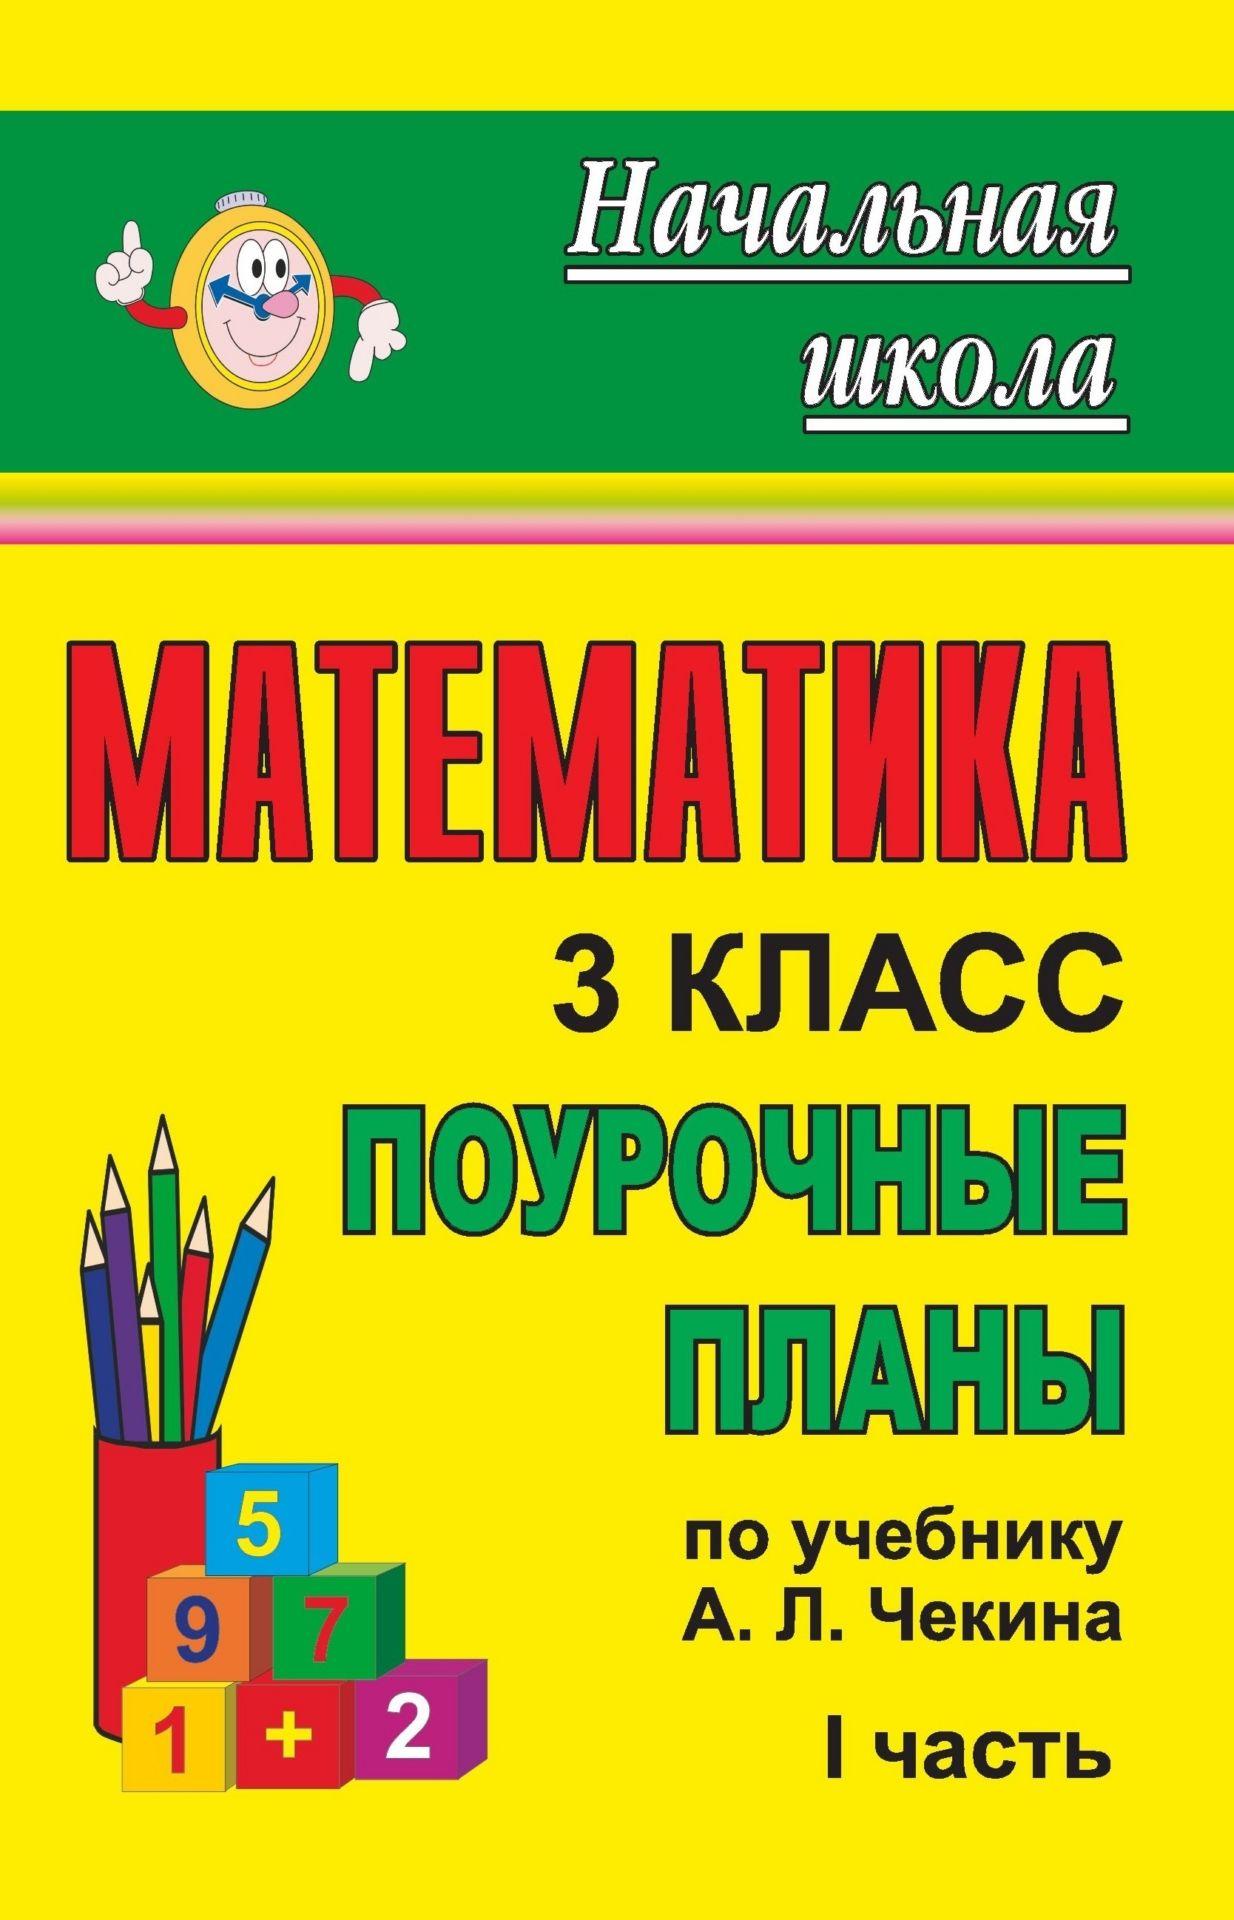 Математика. 3 класс: поурочные планы по учебнику А. Л. Чекина. Ч. IПредметы<br>В пособии представлены подробно разработанные поурочные планы курса Математика, составленные в соответствии с концепцией Перспективная начальная школа и ориентированные для работы по учебнику: Чекин А. Л. Математика. 3 кл.: учебник: в 2 ч. / под ред. ...<br><br>Авторы: Лободина Н. В.<br>Год: 2011<br>Серия: Начальная школа<br>ISBN: 978-5-7057-2356-0<br>Высота: 215<br>Ширина: 140<br>Толщина: 11<br>Переплёт: мягкая, склейка